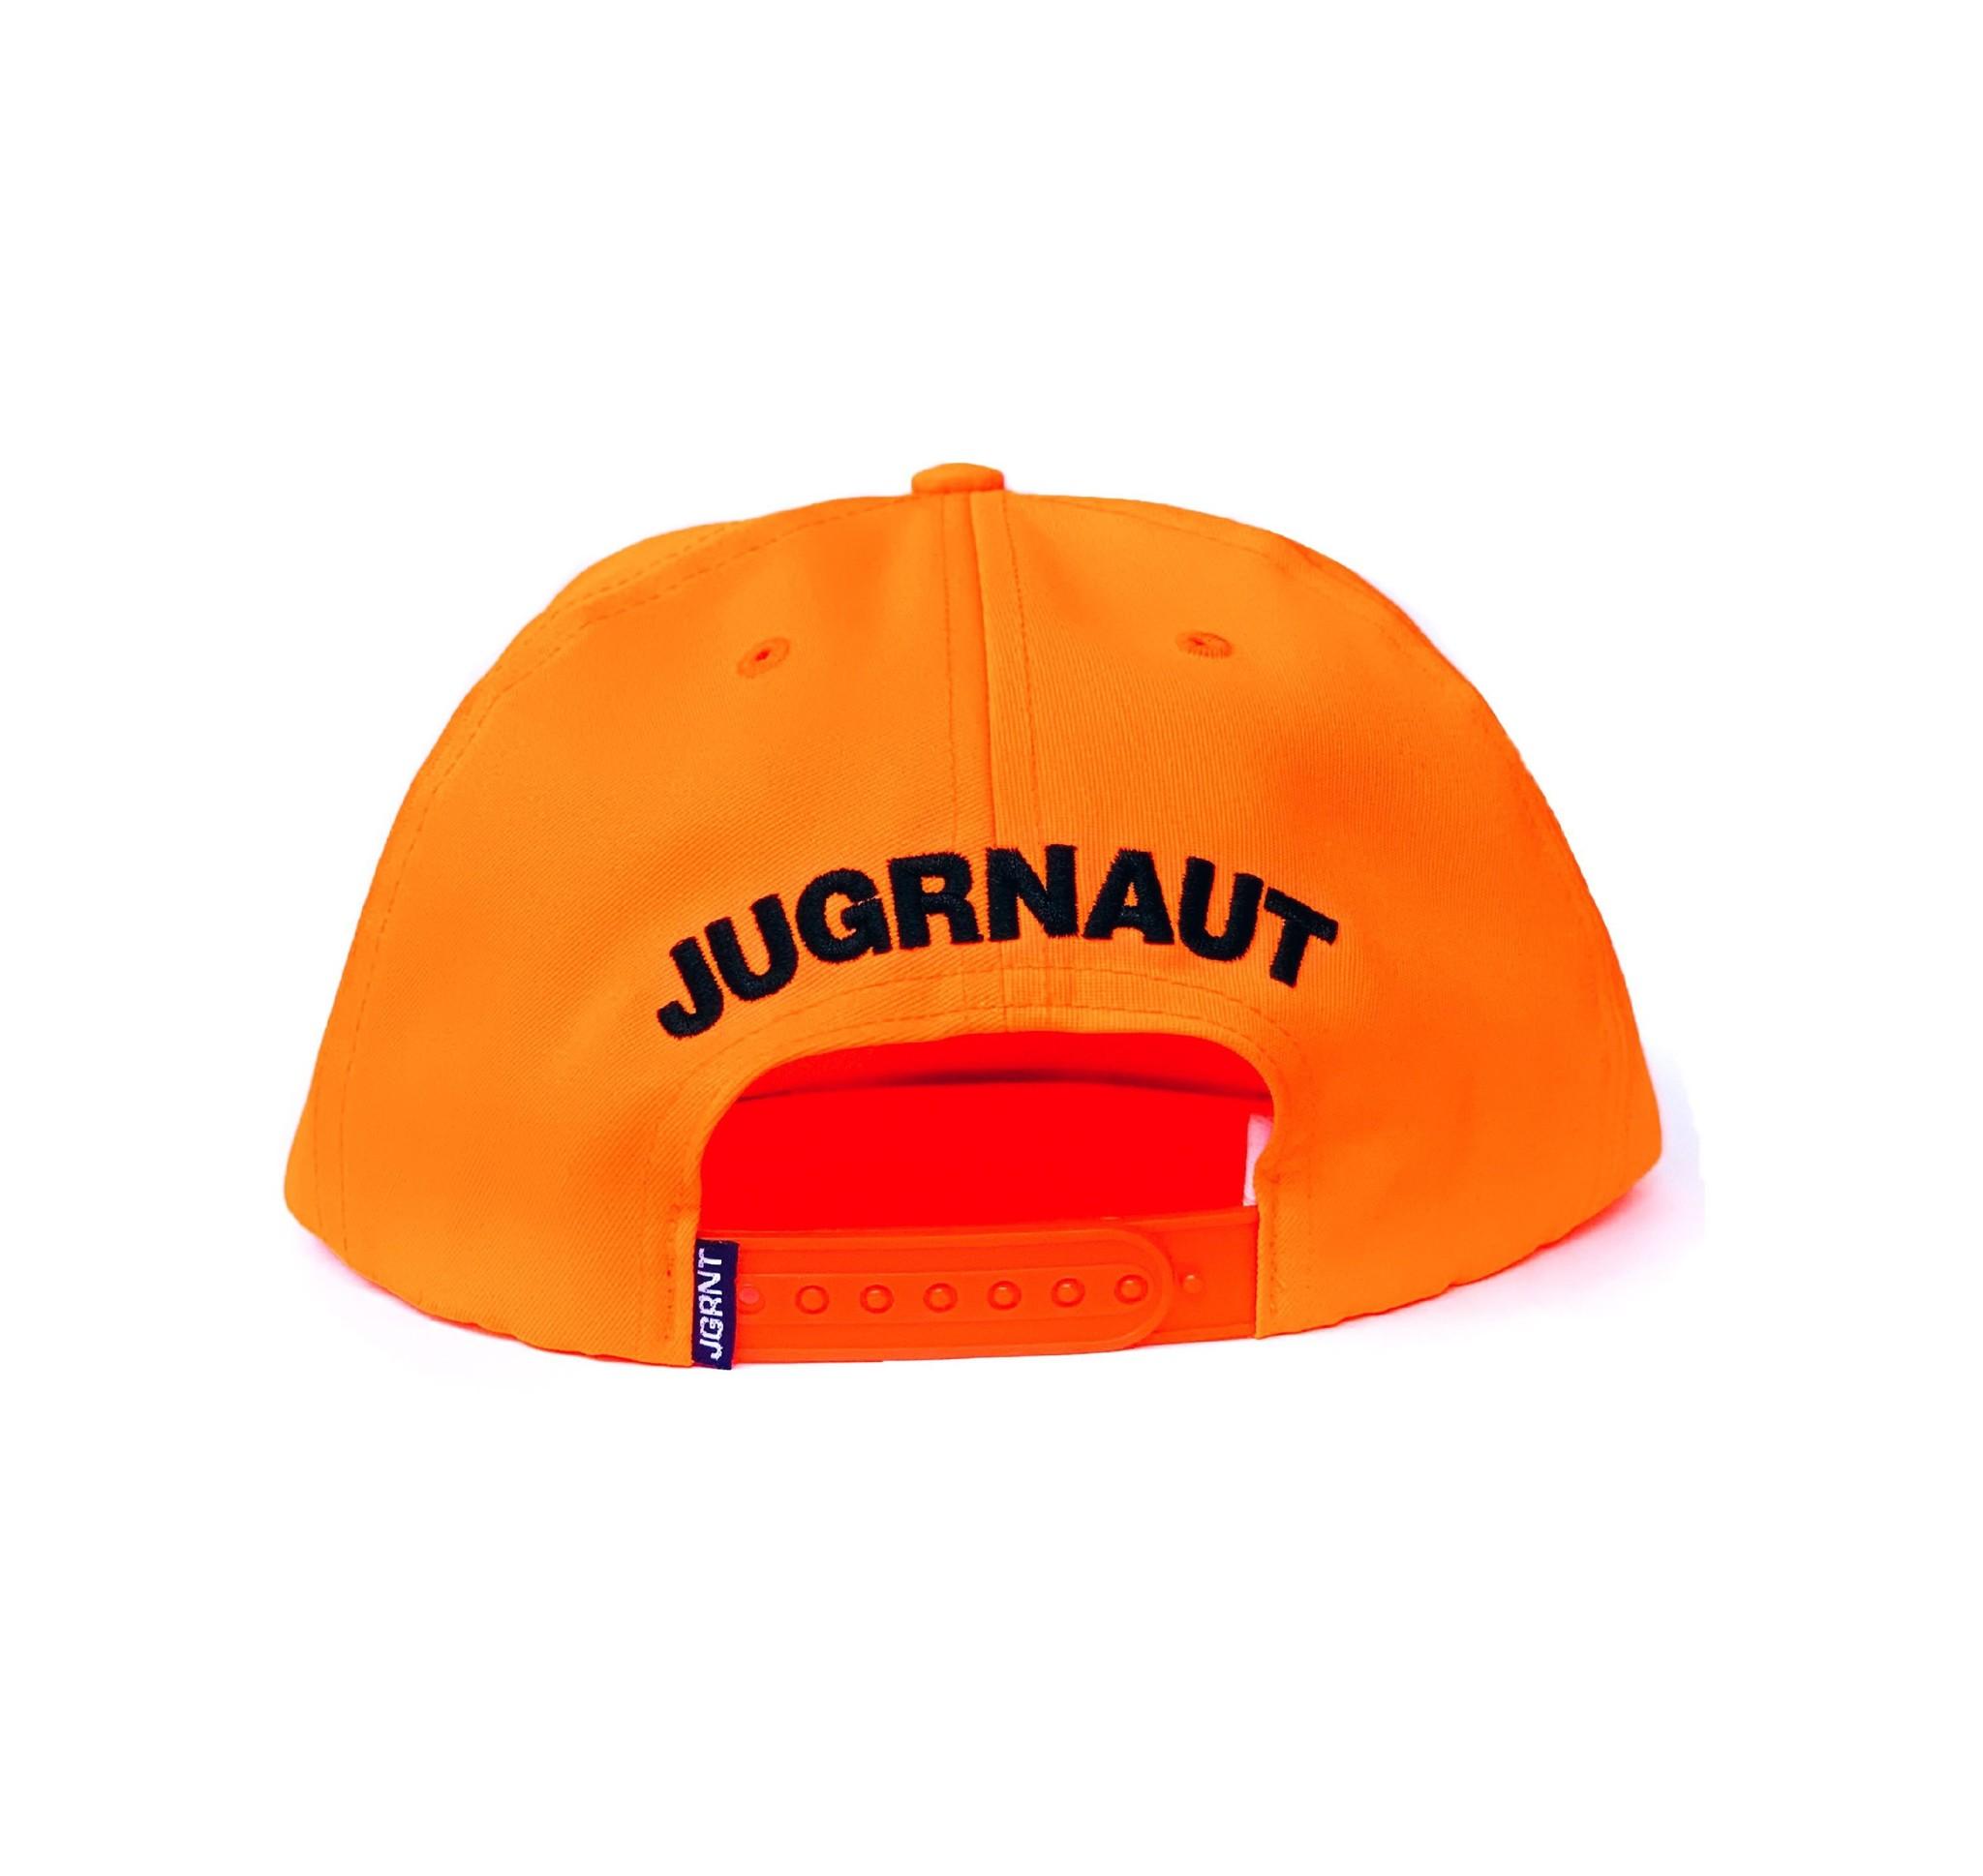 Jugrnaut Jugrnaut Tribune Times Snap Black